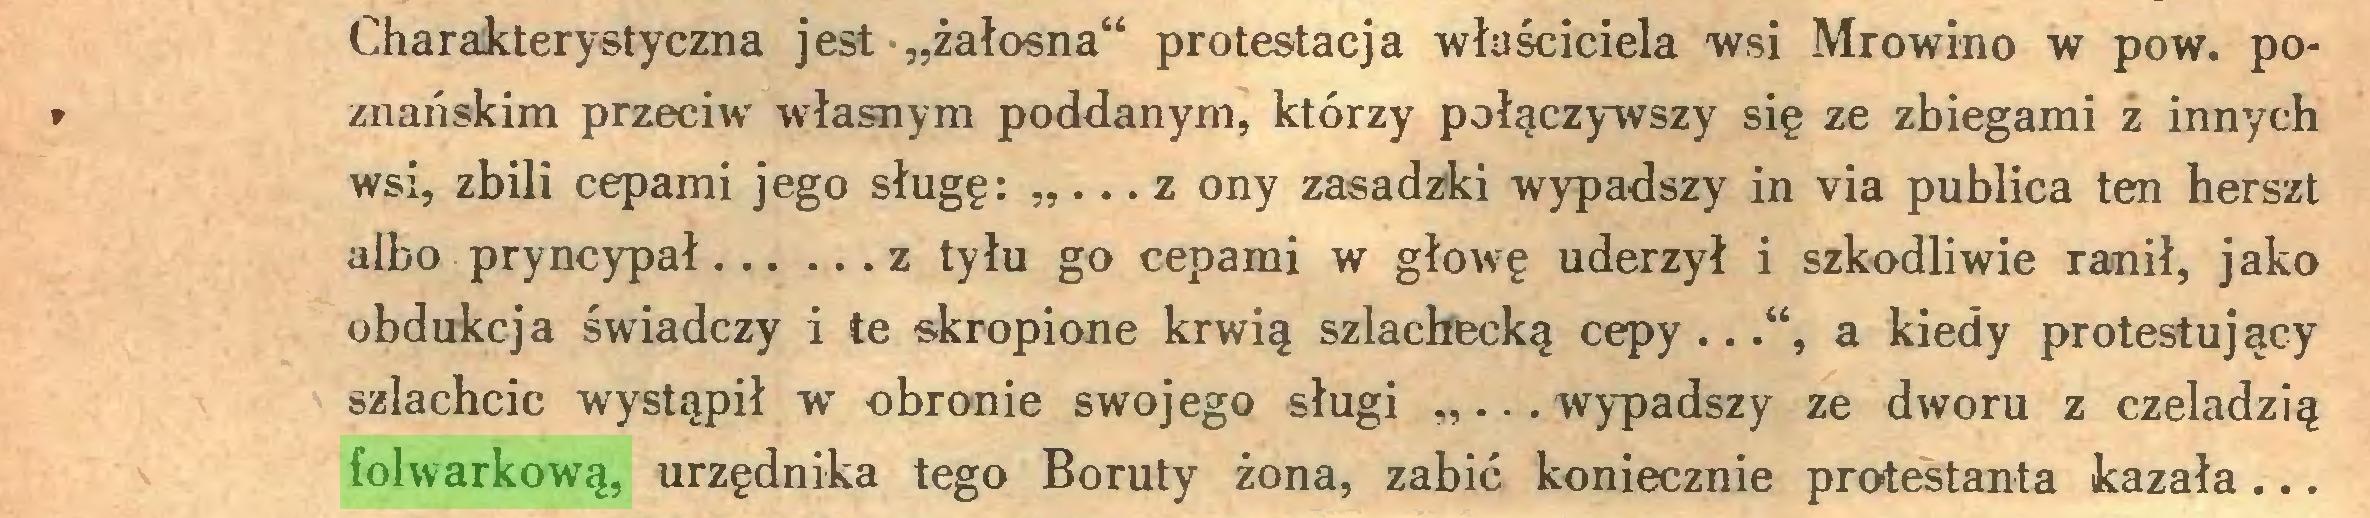 """(...) Charakterystyczna jest """"żałosna"""" protestacja właściciela wsi Mrowino w pow. po* znańskim przeciw własnym poddanym, którzy połączywszy się ze zbiegami z innych wsi, zbili cepami jego sługę: """" ... z ony zasadzki wypadszy in via publica ten herszt albo pryncypał z tyłu go cepami w głowę uderzył i szkodliwie ranił, jako obdukcja świadczy i te skropione krwią szlachecką cepy..."""", a kiedy protestujący szlachcic wystąpił w obronie swojego sługi """"... wypadszy ze dworu z czeladzią folwarkową, urzędnika tego Boruty żona, zabić koniecznie protestanta kazała..."""